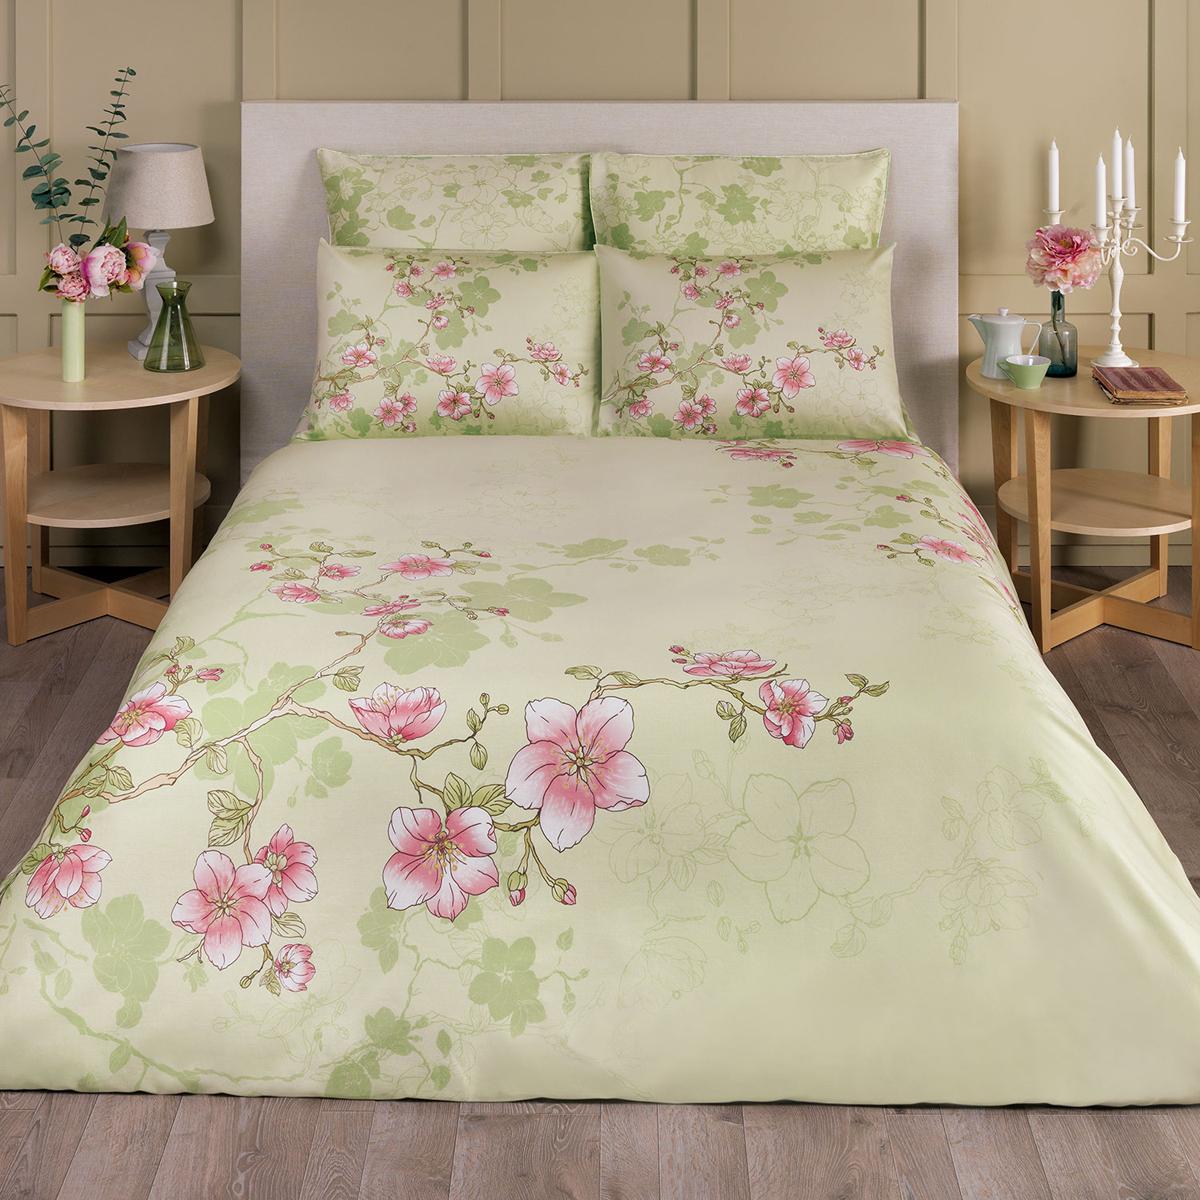 цена на Комплект белья Classic by T Марилена, 1,5-спальный, наволочки 50х70, цвет: светло-зеленый